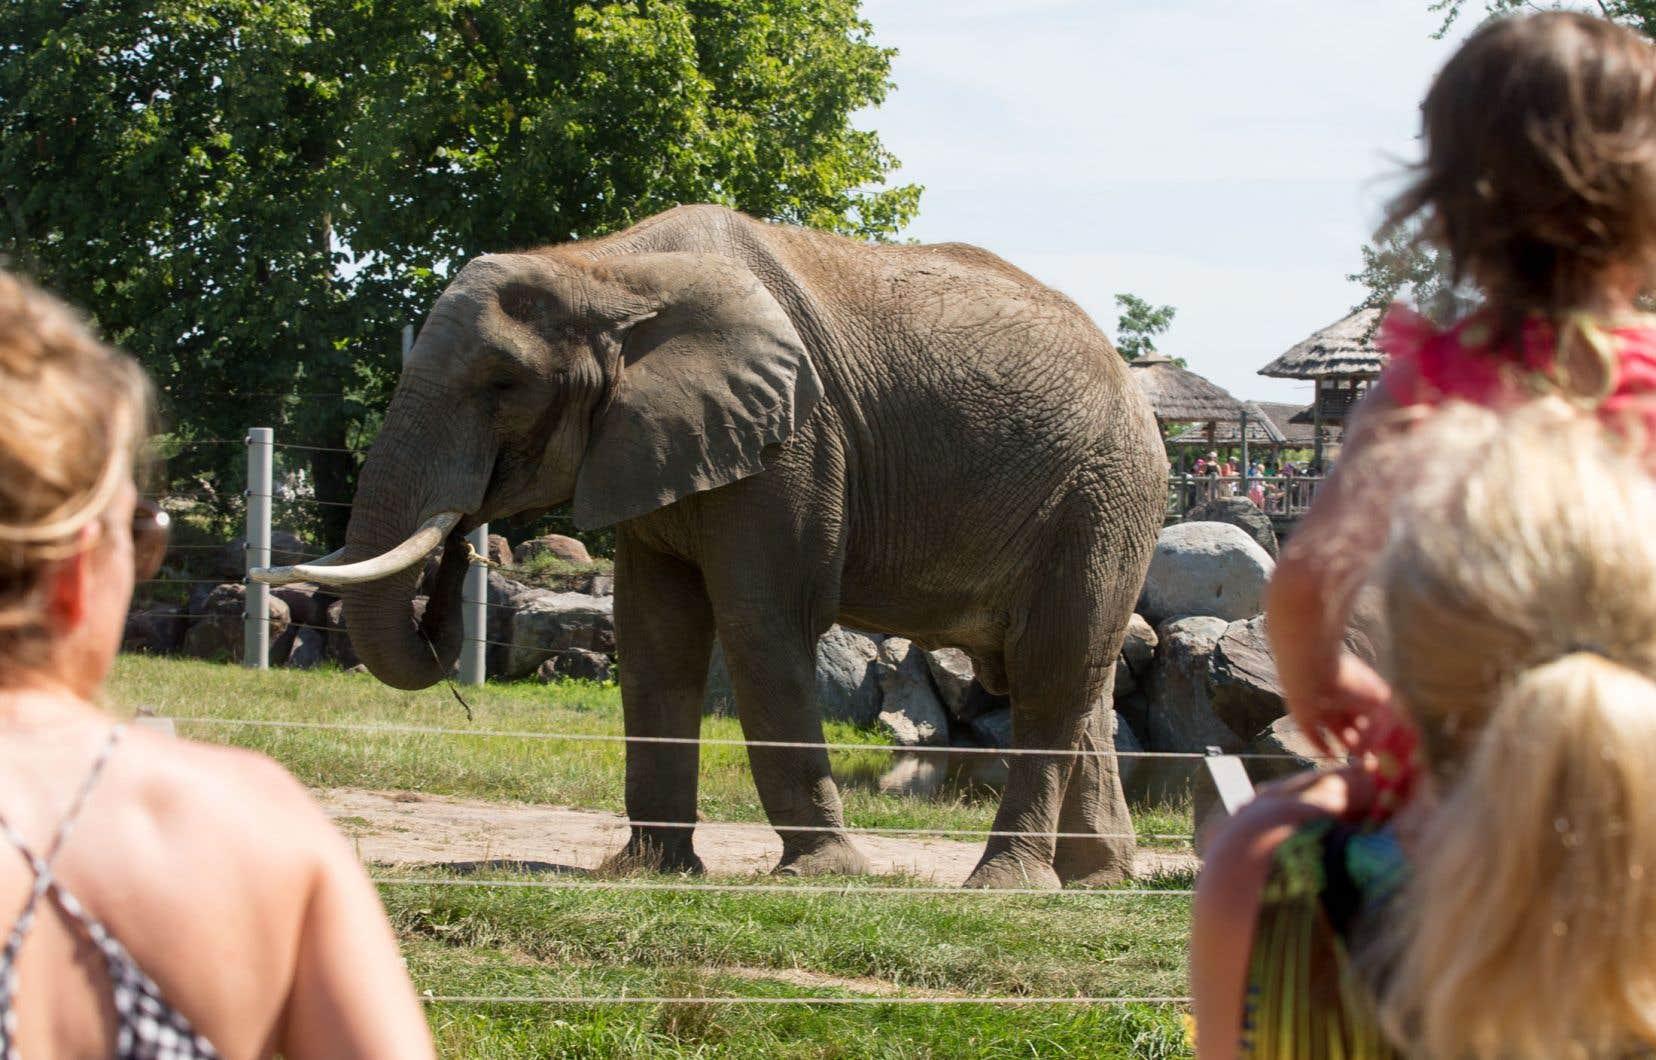 Certaines institutions, comme le Zoo de Granby, sont partie prenante de programmes de recherche voués à la protection d'espèces menacées et consacrent de vastes portions de leurs profits à ces activités.